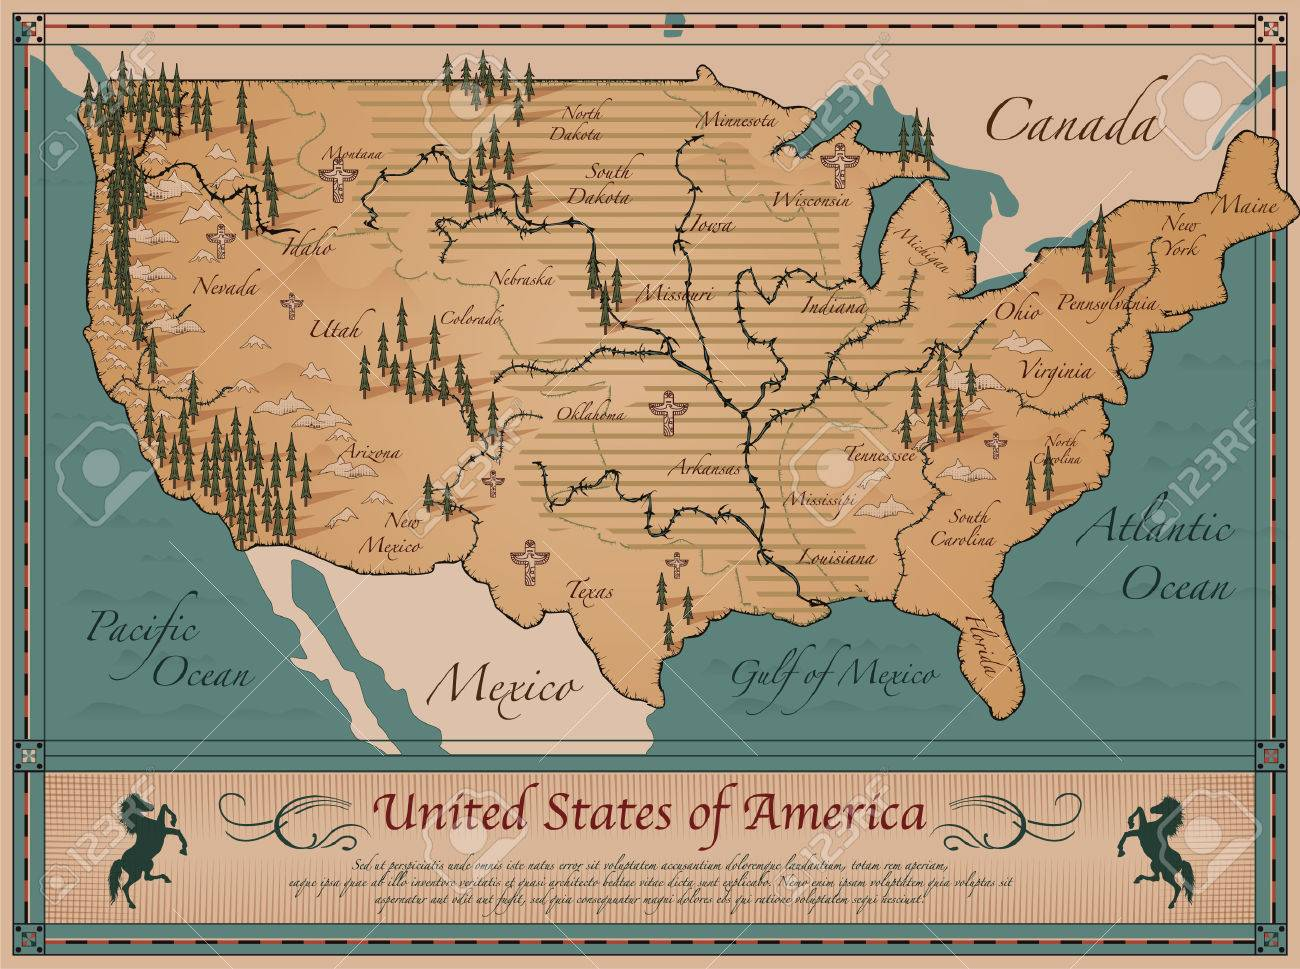 Mapa Antiguo De Los Estados Unidos De América Ilustraciones Vectoriales Clip Art Vectorizado Libre De Derechos Image 33475058